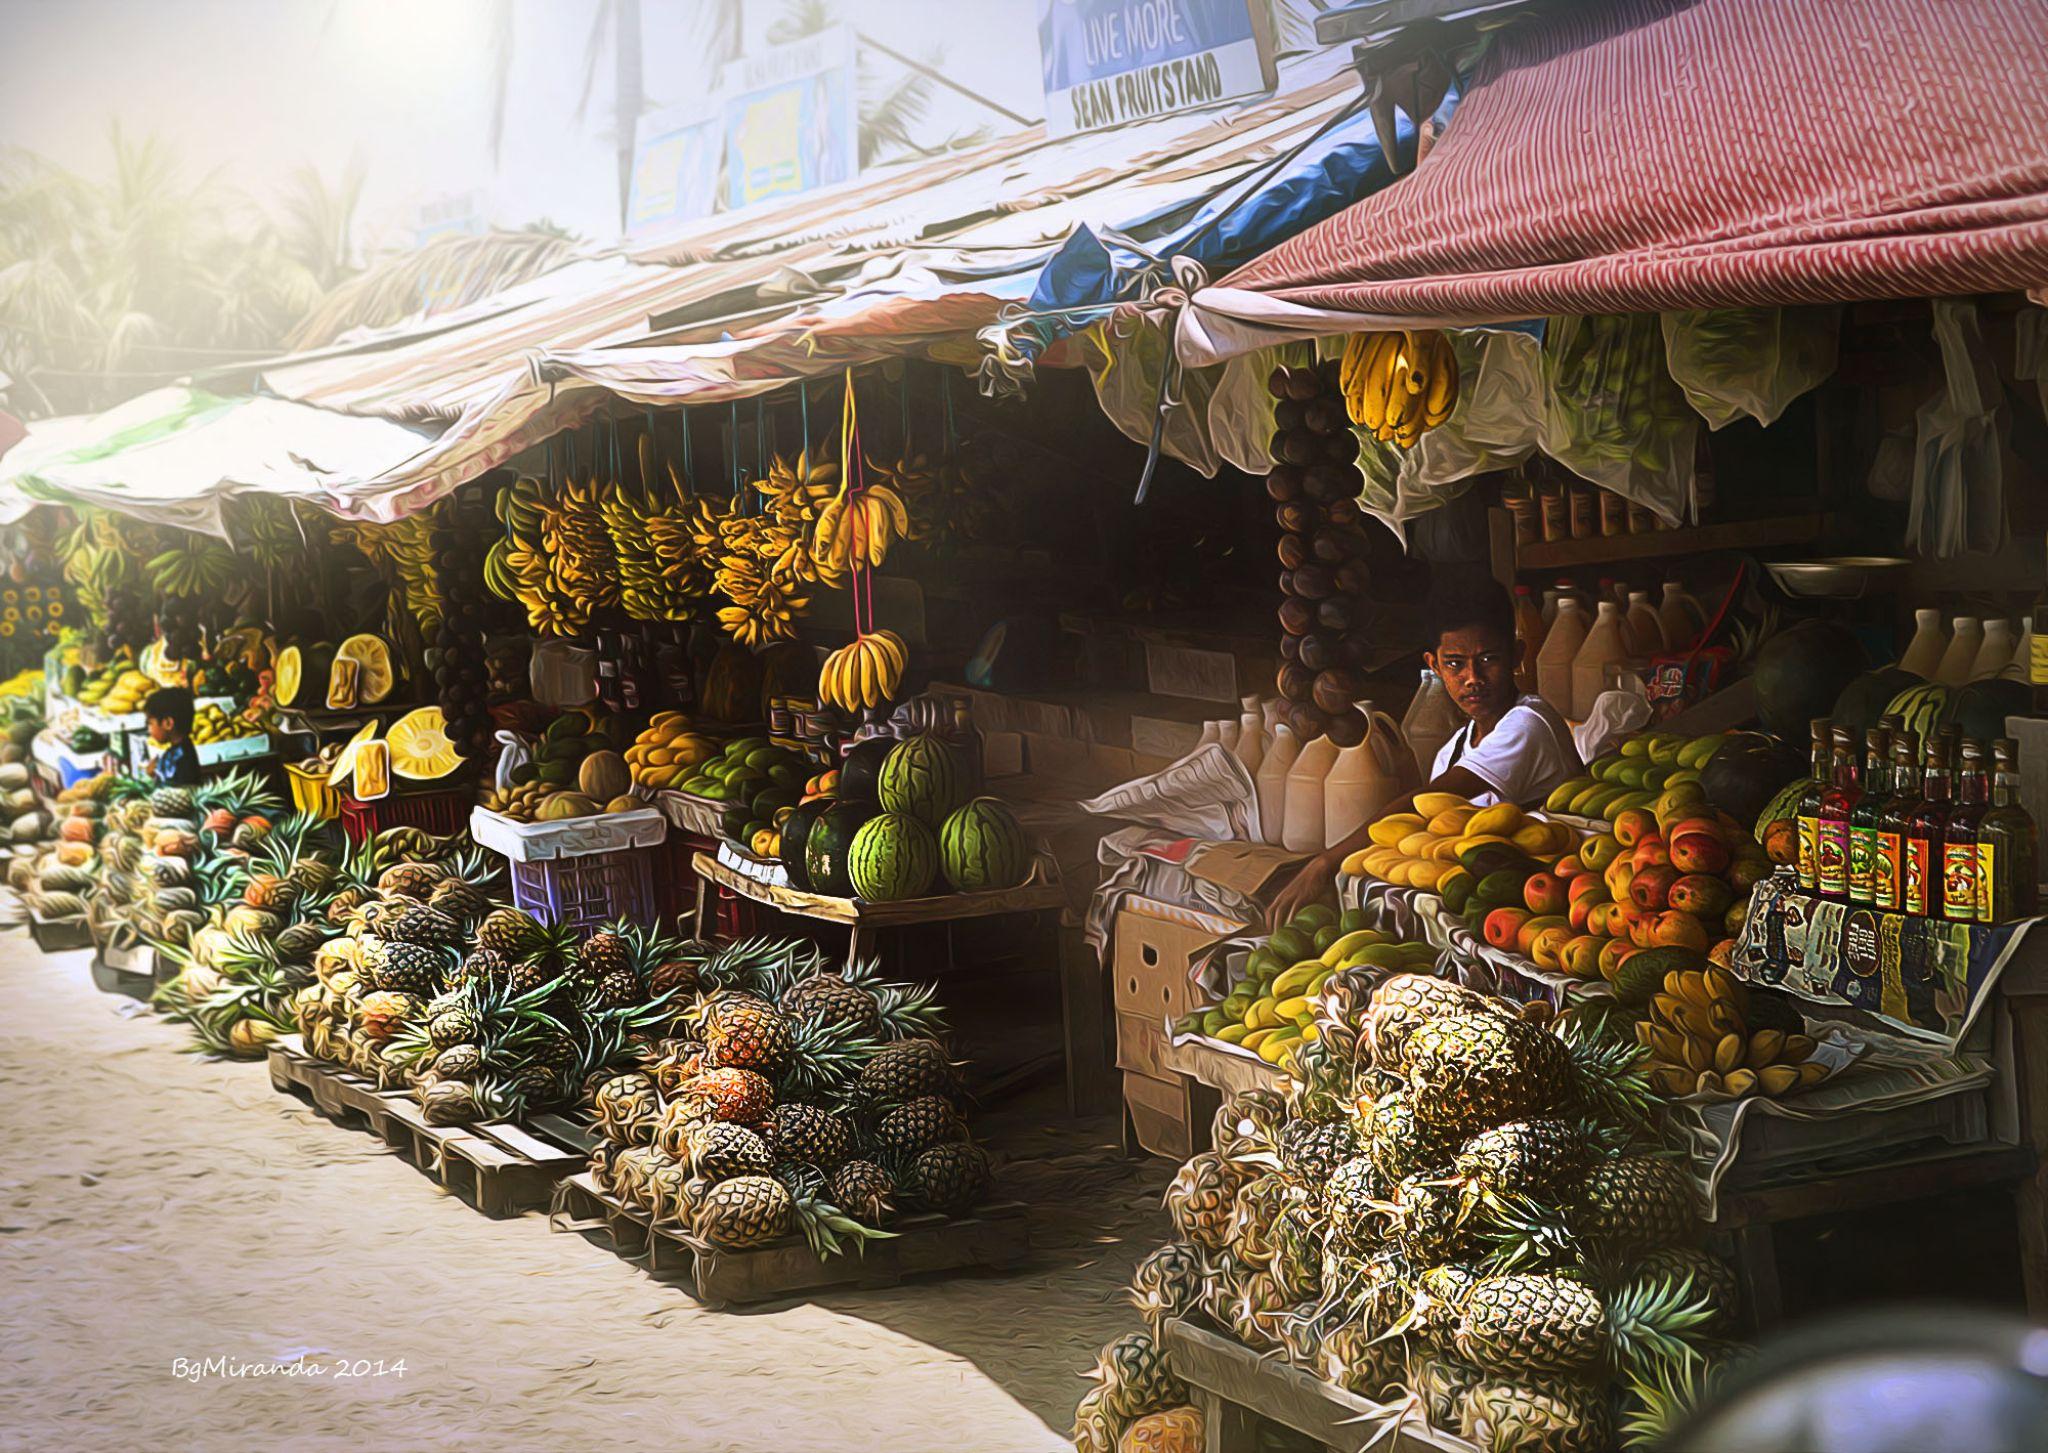 Fruit Vendor by Bernard Miranda